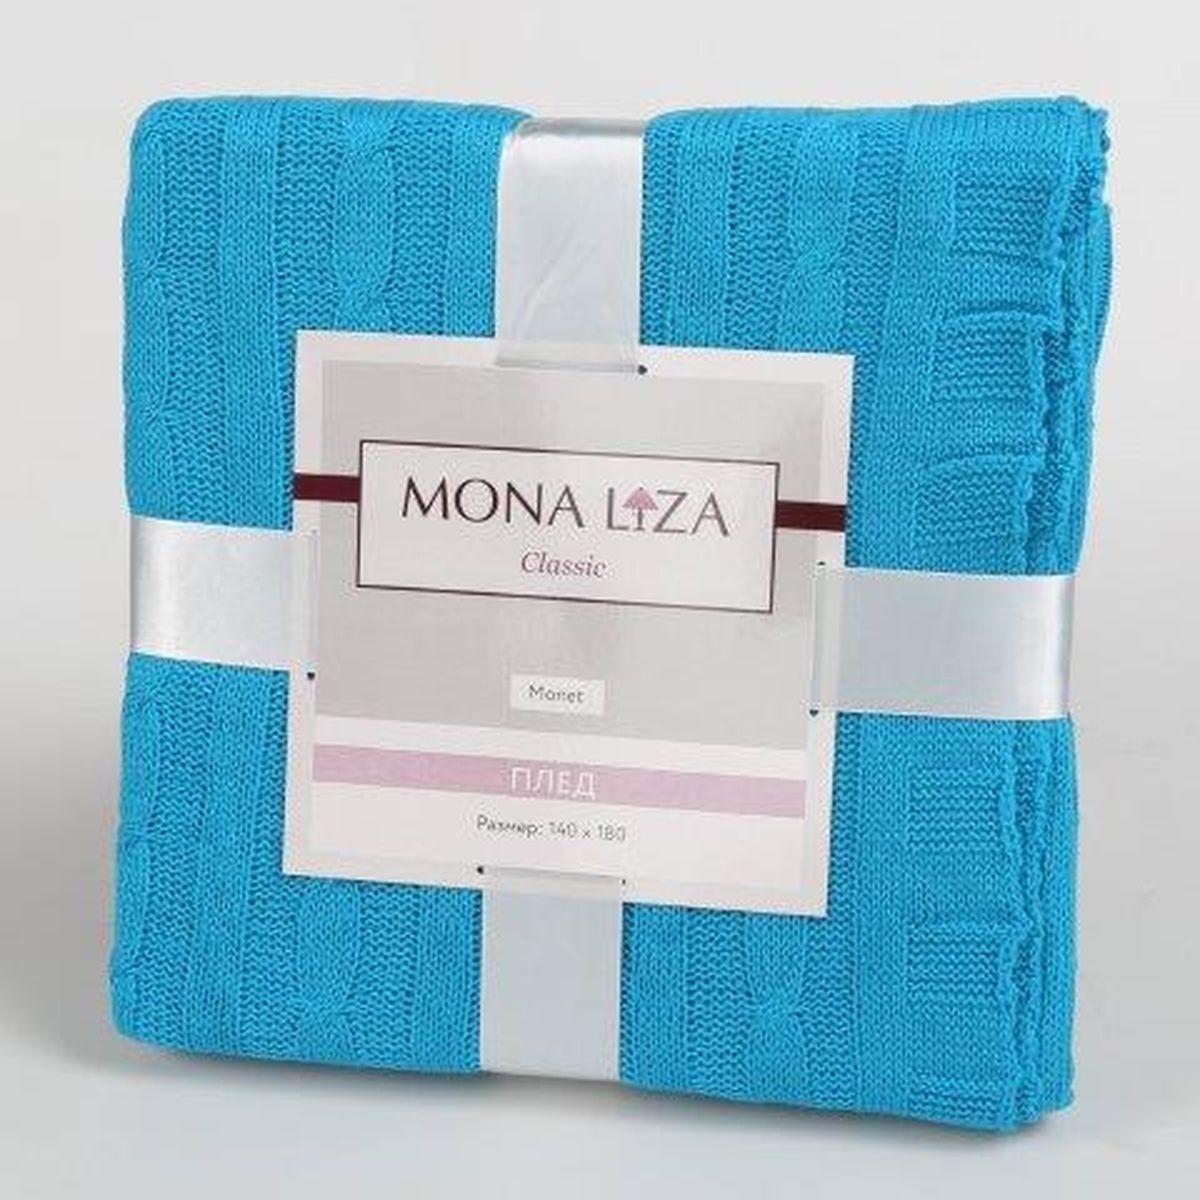 Плед Mona Liza Classic Monet, цвет: синий, 140 см х 180 смSC-FD421005Оригинальный вязаный плед Mona Liza Classic Monet послужит теплым, мягким и практичным подарком близким людям. Плед изготовлен из высококачественного 100% акрила.Яркий и приятный на ощупь плед Mona Liza Classic Monet станет отличным дополнением в вашем интерьере.